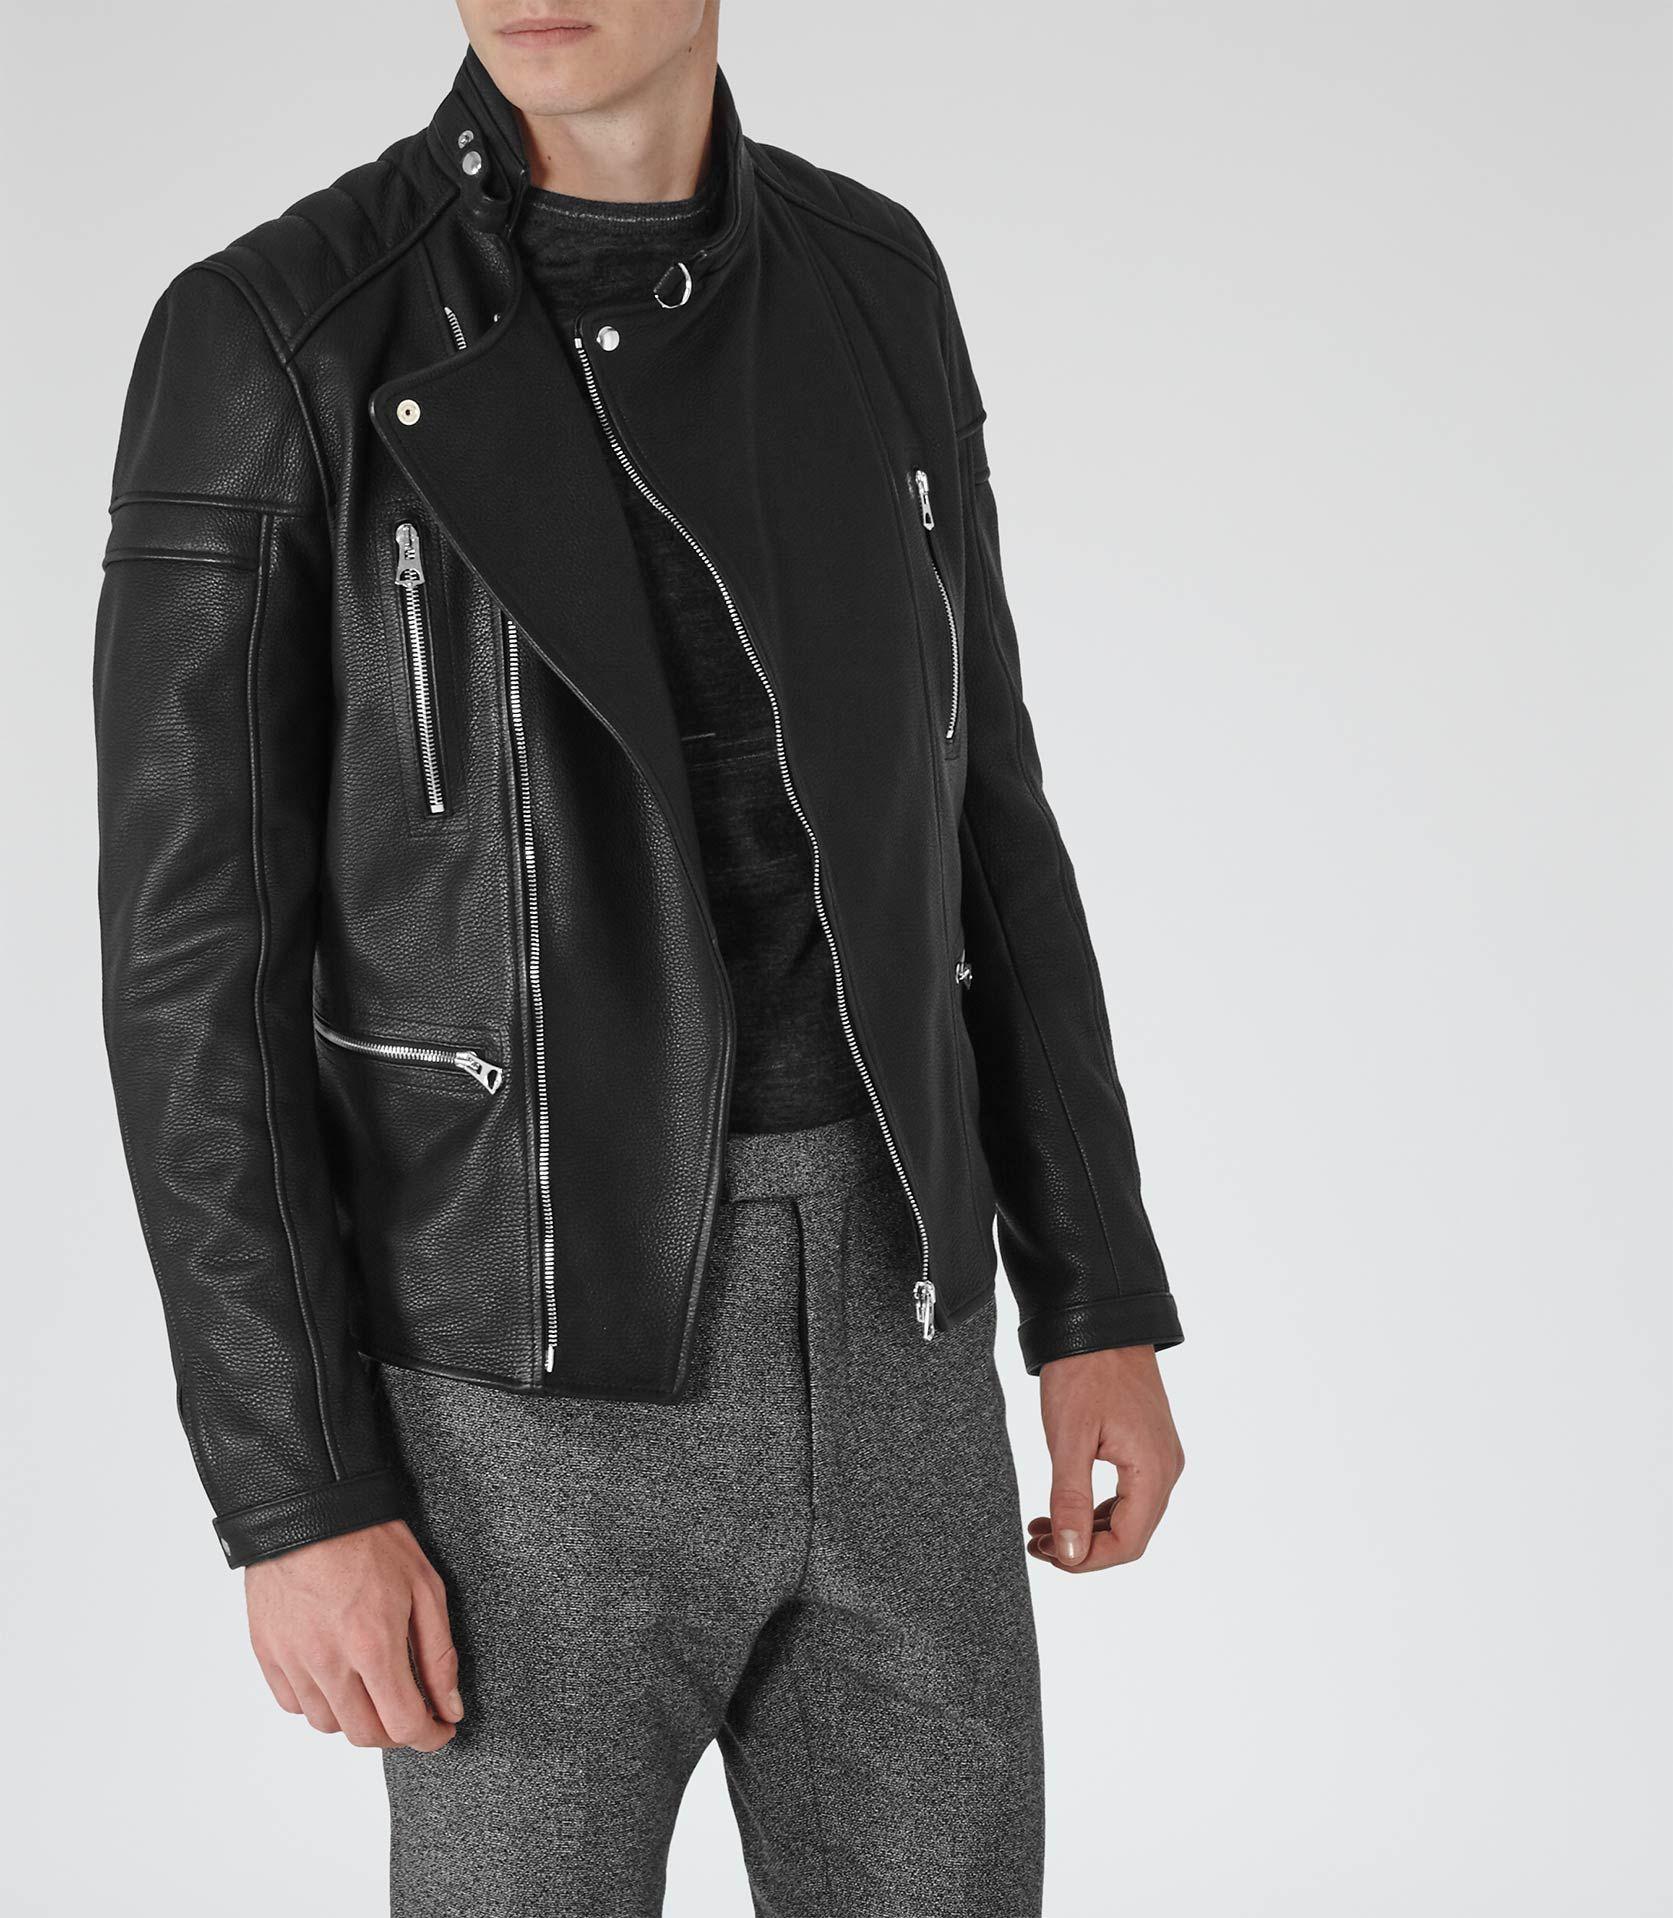 Spitfire Black Leather Biker Jacket Mens Clothing Styles Black Leather Biker Jacket Biker Jacket [ 1918 x 1673 Pixel ]